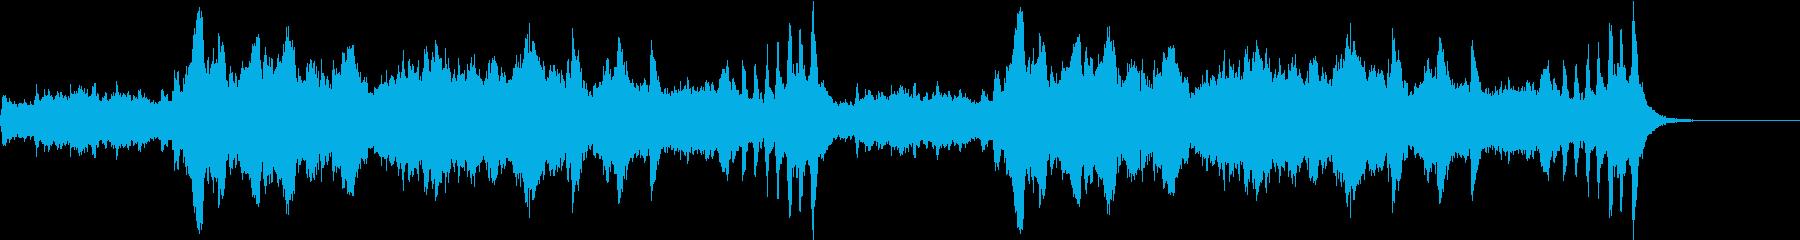 軽快爽やかストリングス ホルベルク組曲の再生済みの波形